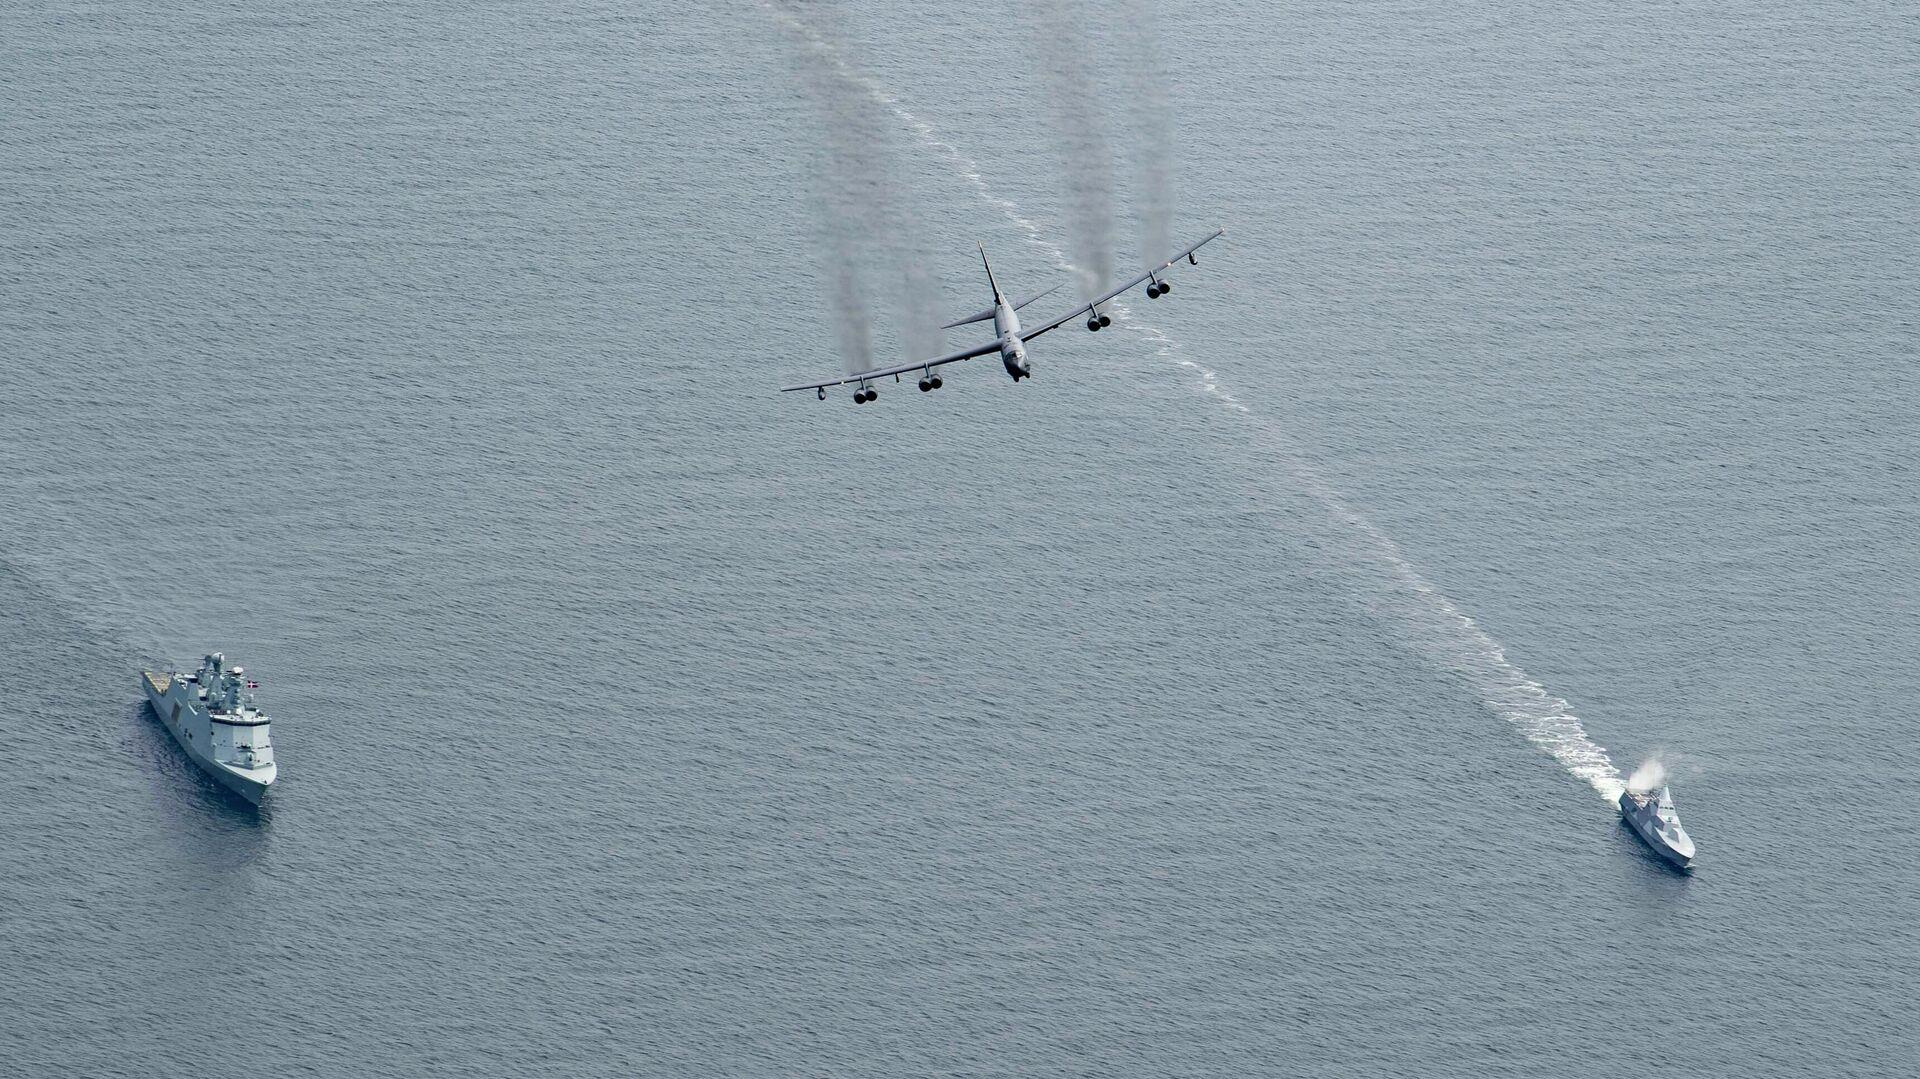 Стратегический бомбардировщик ВВС США B-52H Stratofortress пролетает над кораблем Королевских военно-морских сил Дании HDMS Esbern Snare (L17) (слева) и корветом HMS Karlstad (K35) ВМC Швеции во время Baltops - РИА Новости, 1920, 11.06.2021